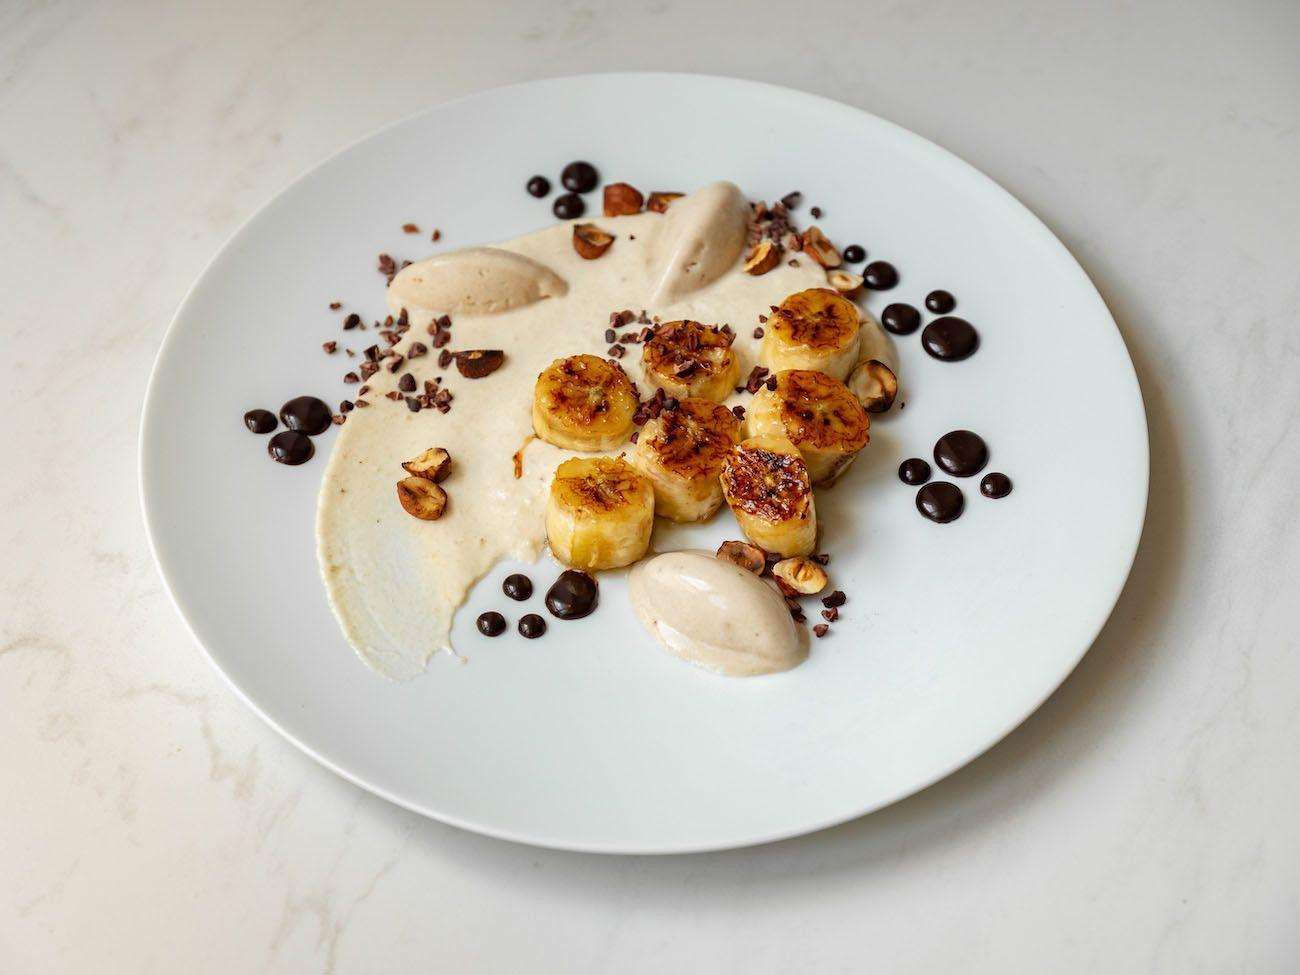 Foodblog, About Fuel, Rezept, Rum Bananen Dessert mit Hasenüssen und Schokoladen-Karamell, Bananencreme